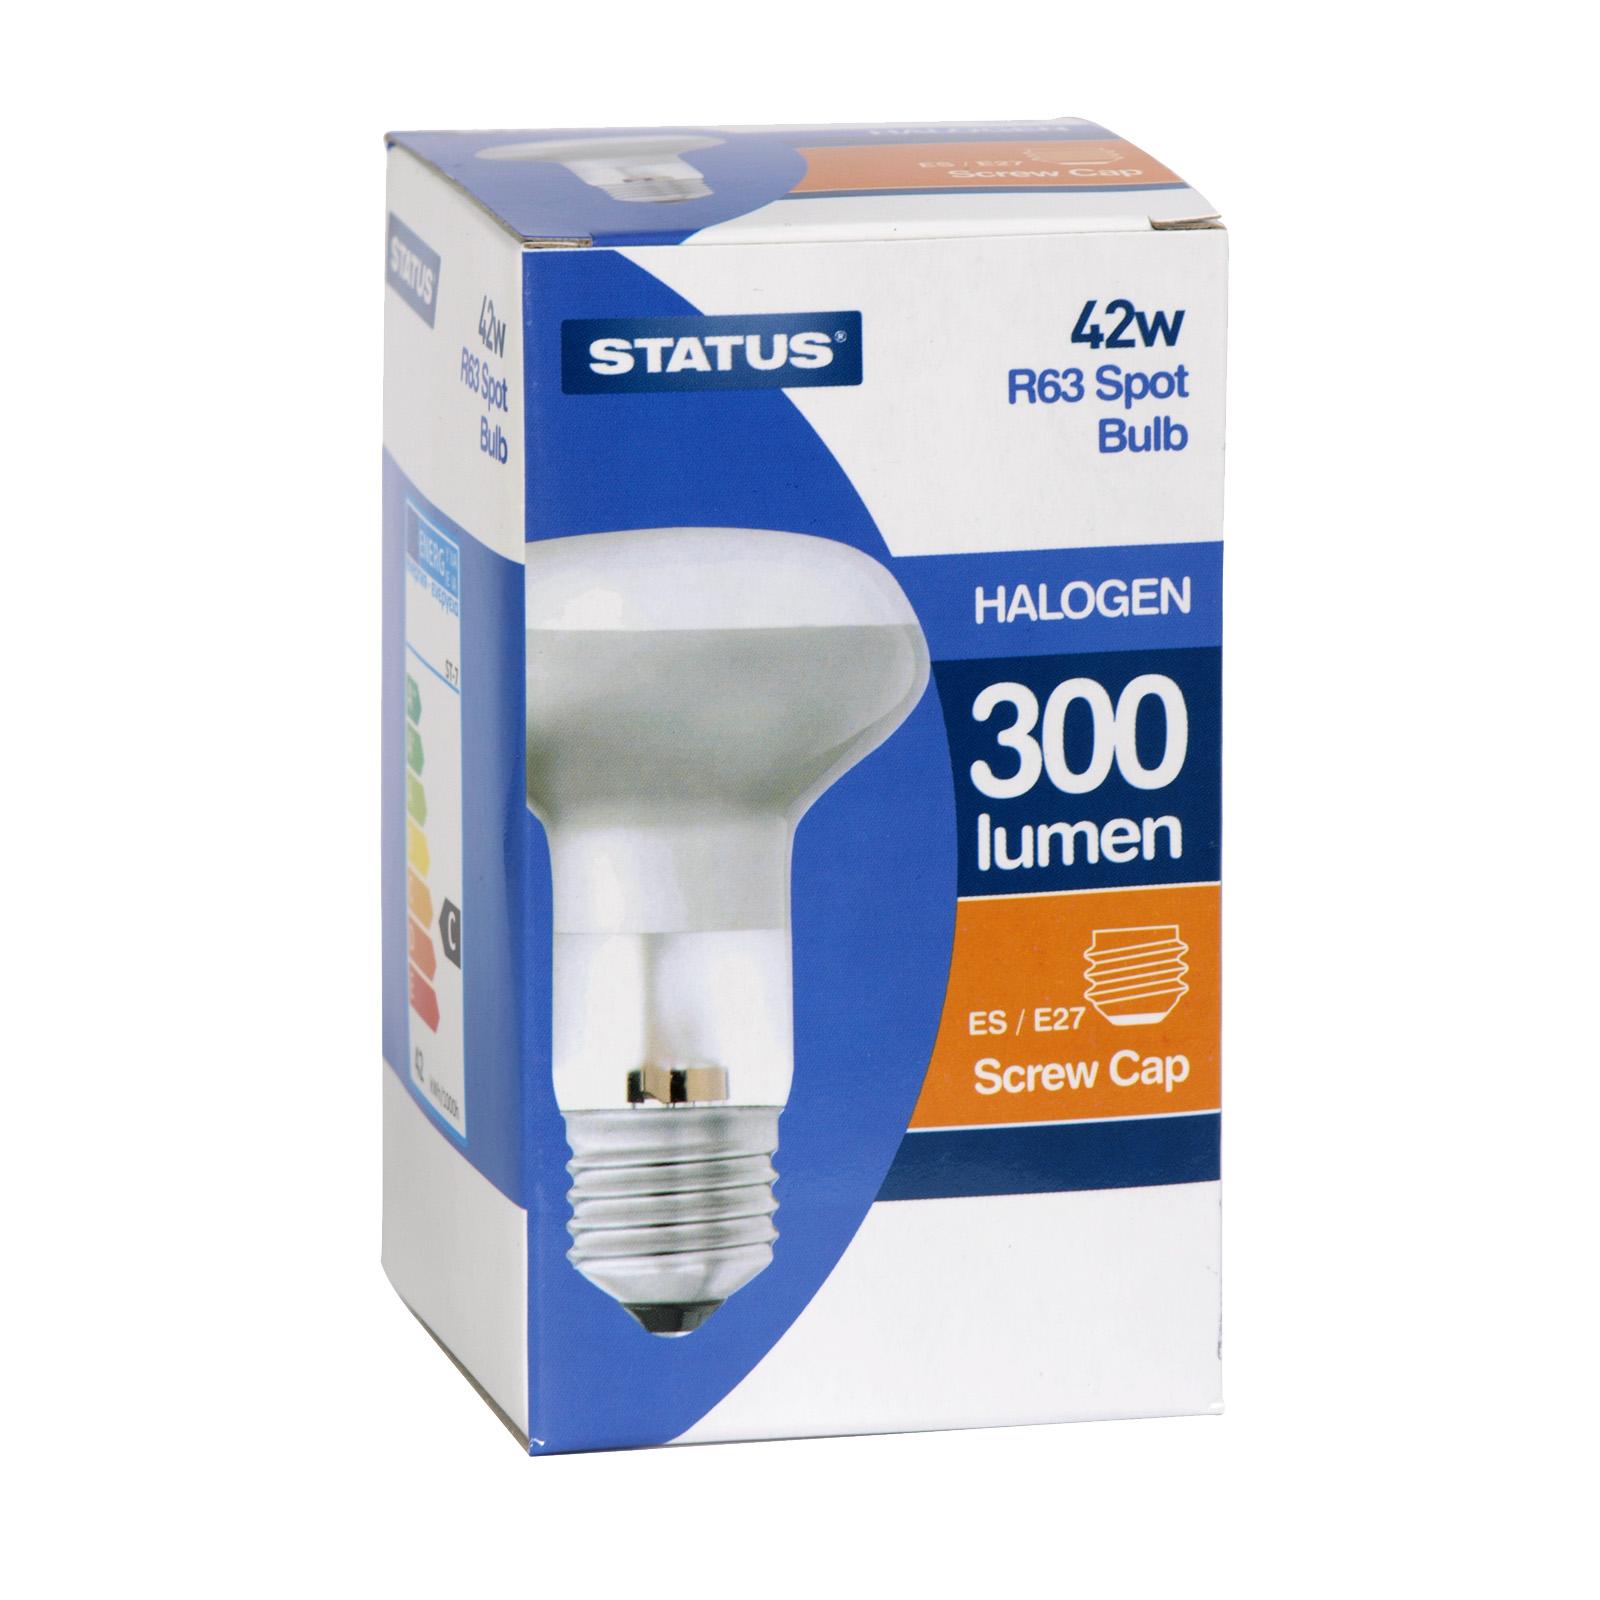 STATUS HALOGEN LIGHT BULB R63 SPOT 42W=60W ES